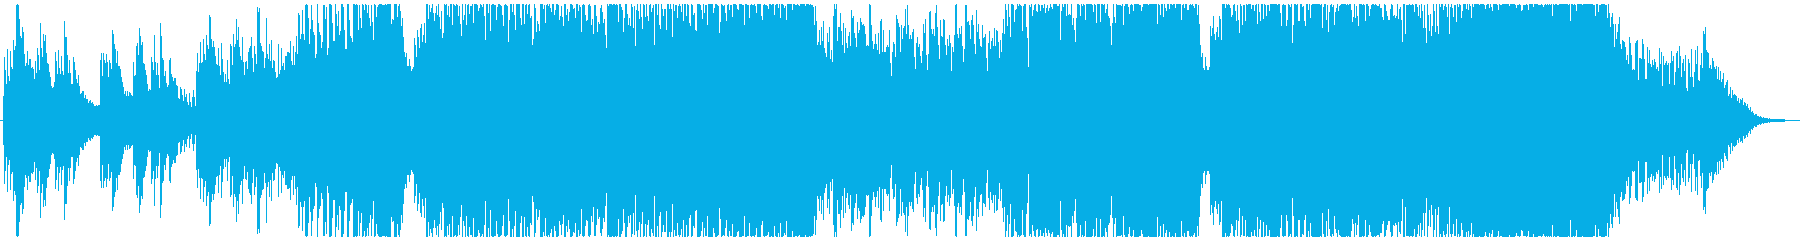 哀愁漂うドラマチックなピアノトランスの再生済みの波形